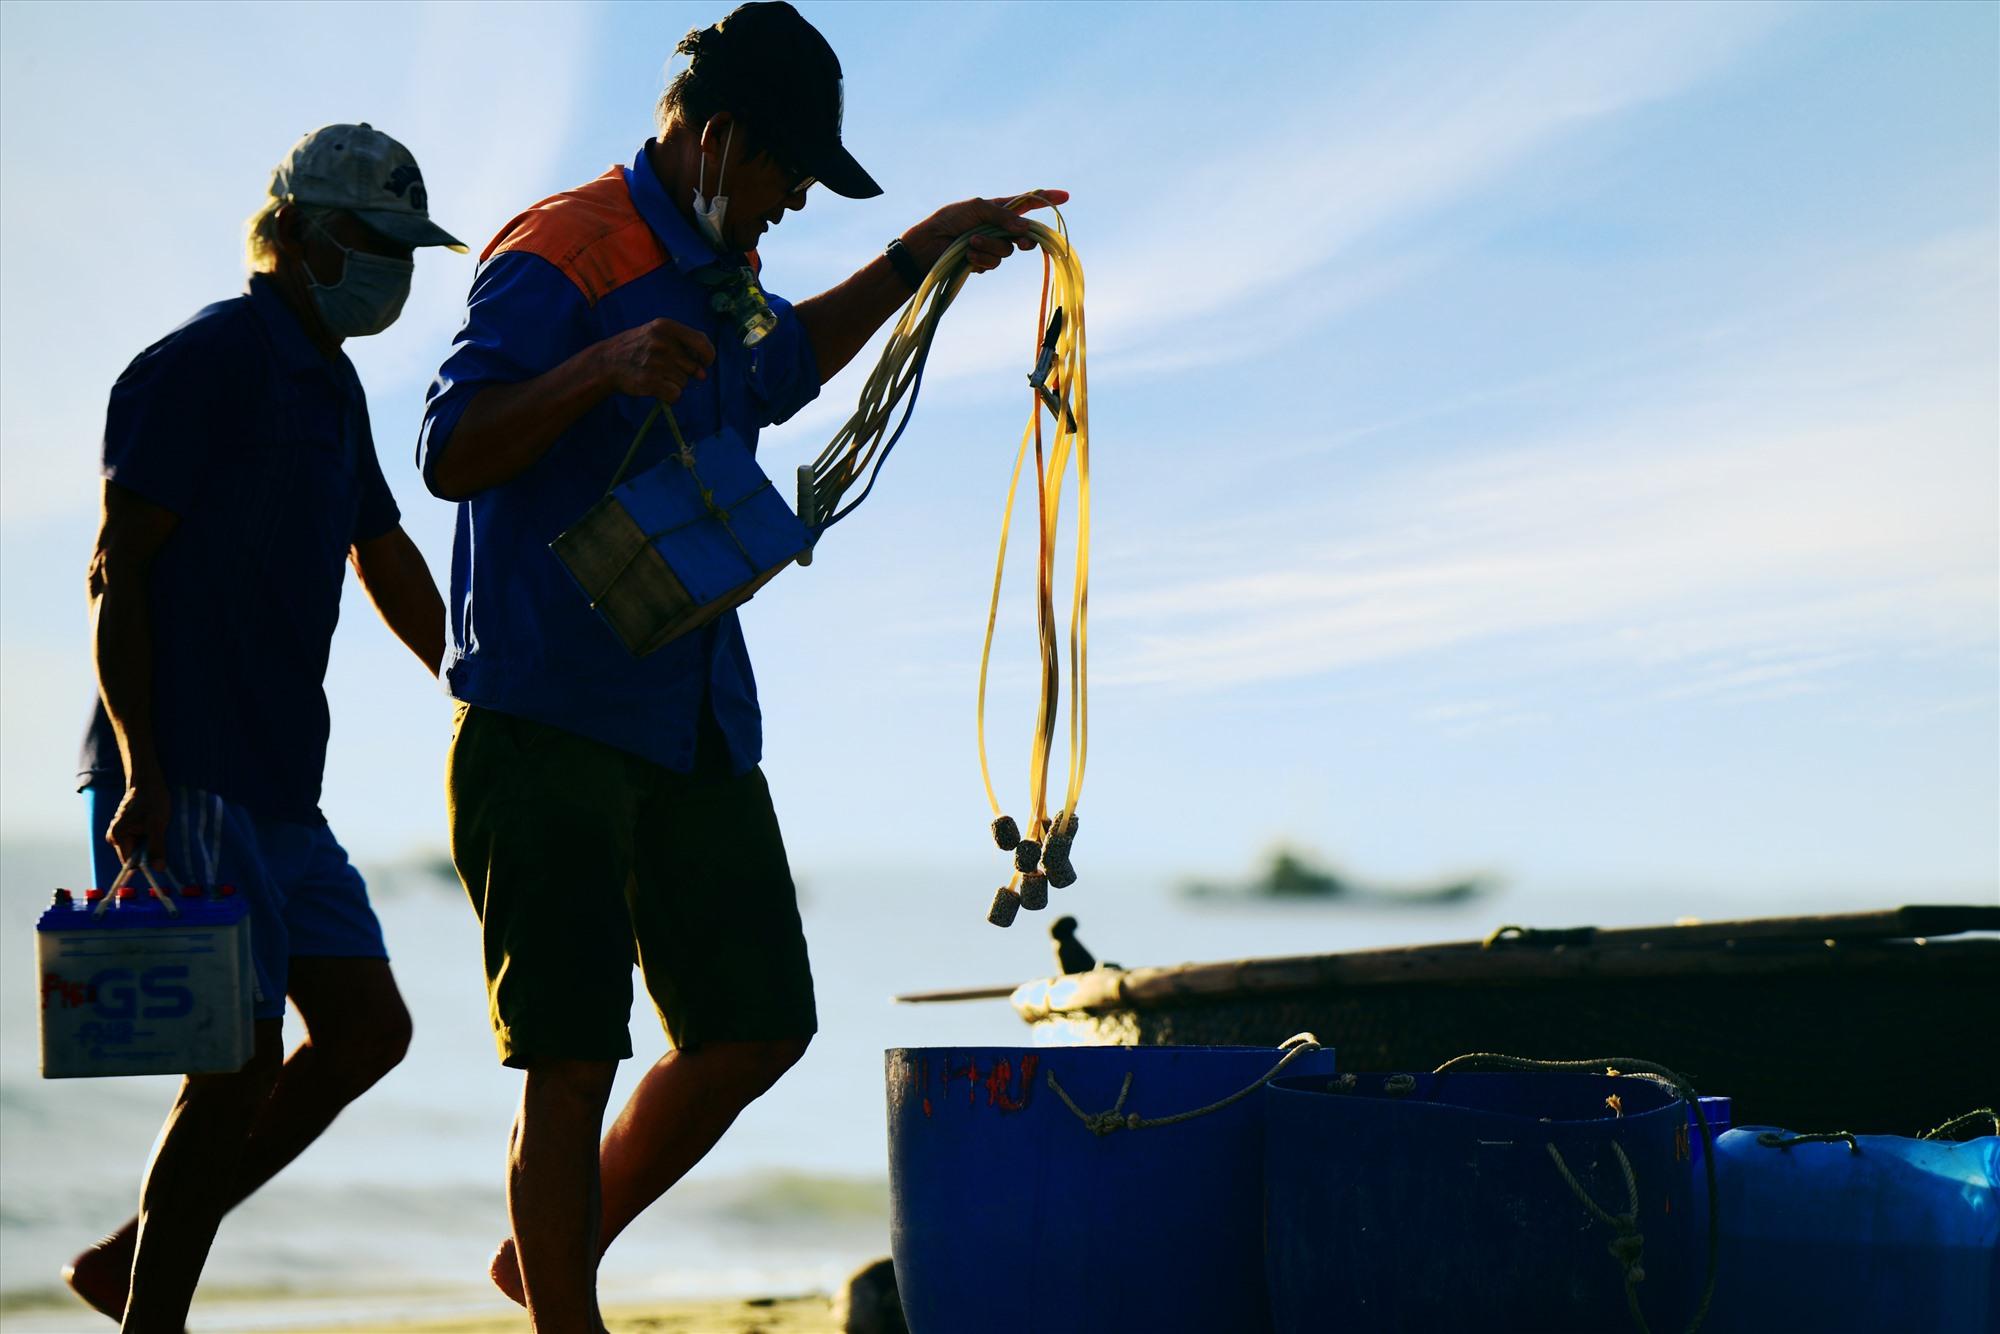 Những đàn ông của biển rất khỏe mạnh, vạm vỡ là nhân tố rất quan trọng trong những chuyến ra khơi và trở về với tôm cá đầy khoang...